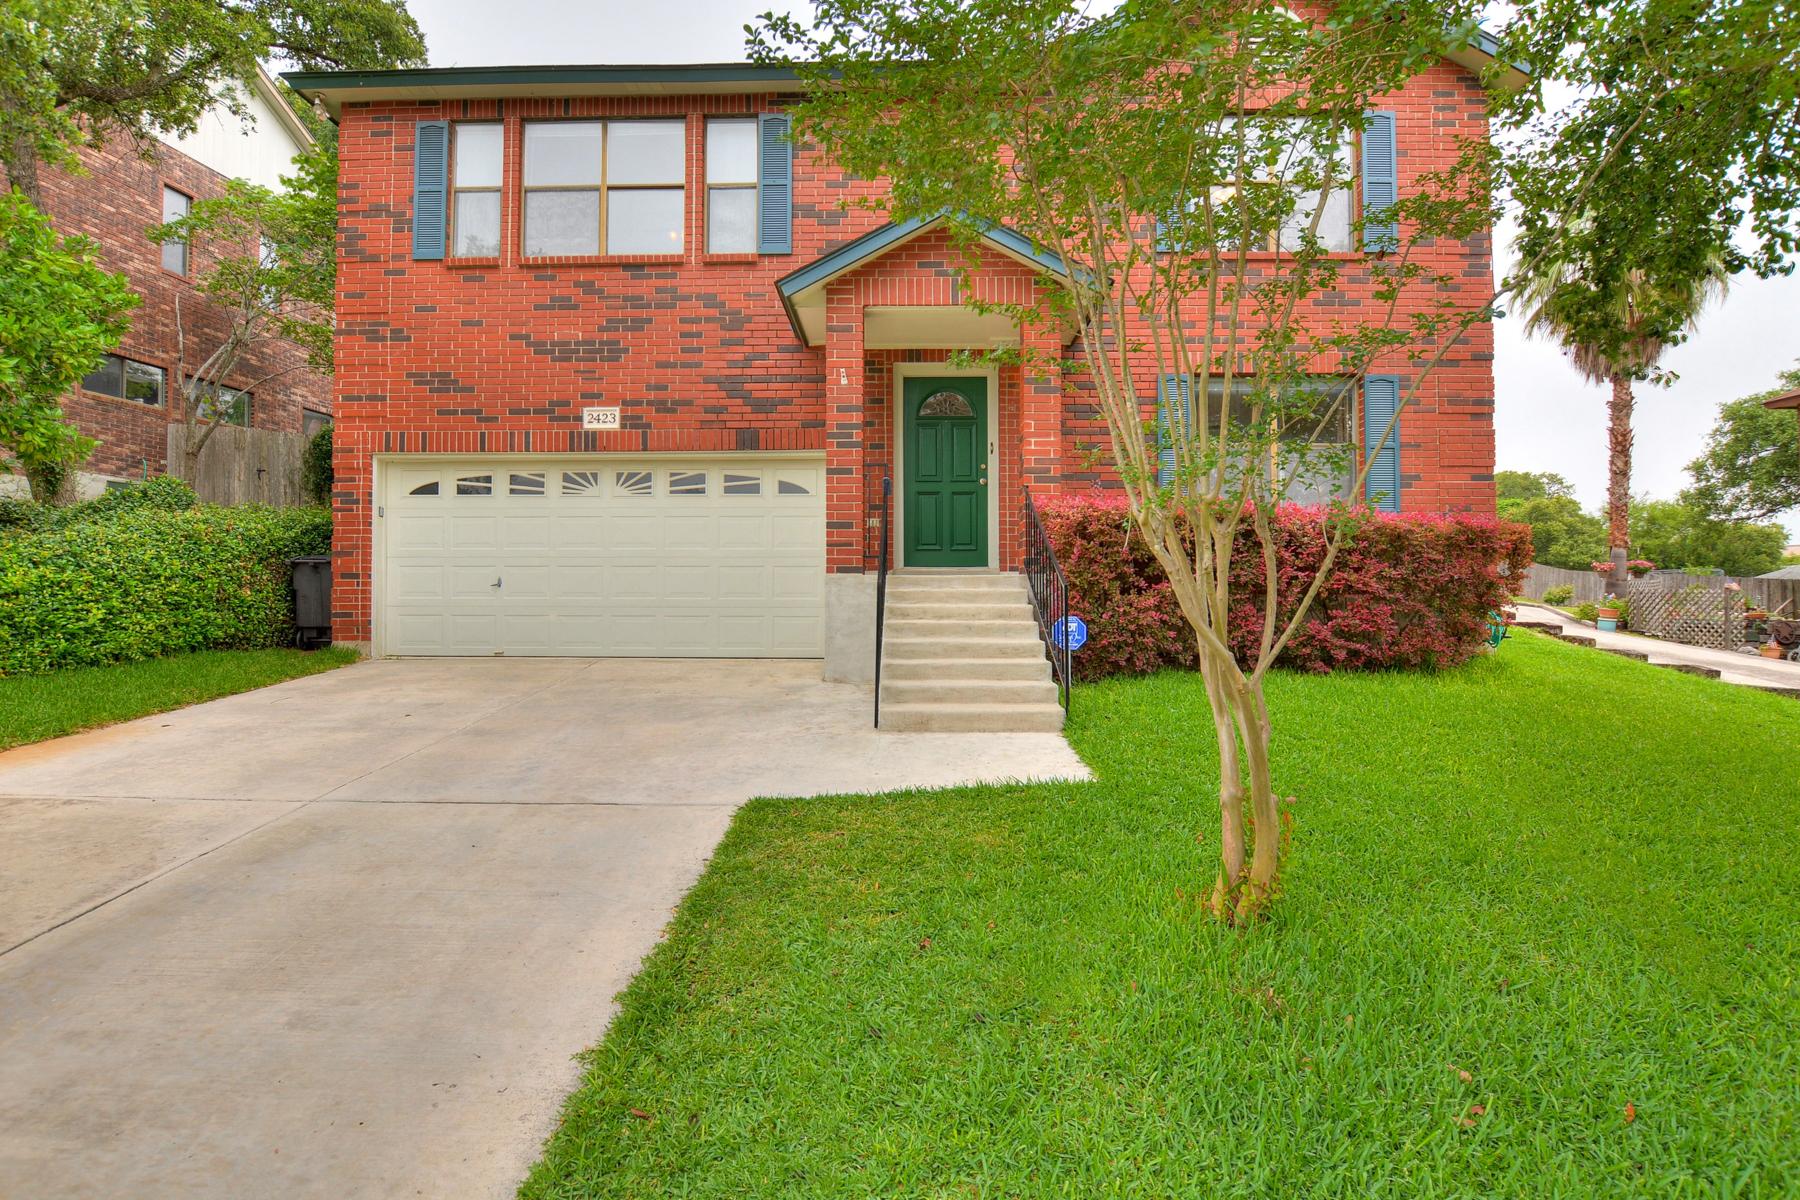 独户住宅 为 销售 在 Beautiful Gem in Gold Canyon 2423 Karat Dr Gold Canyon, 圣安东尼奥, 得克萨斯州, 78232 美国